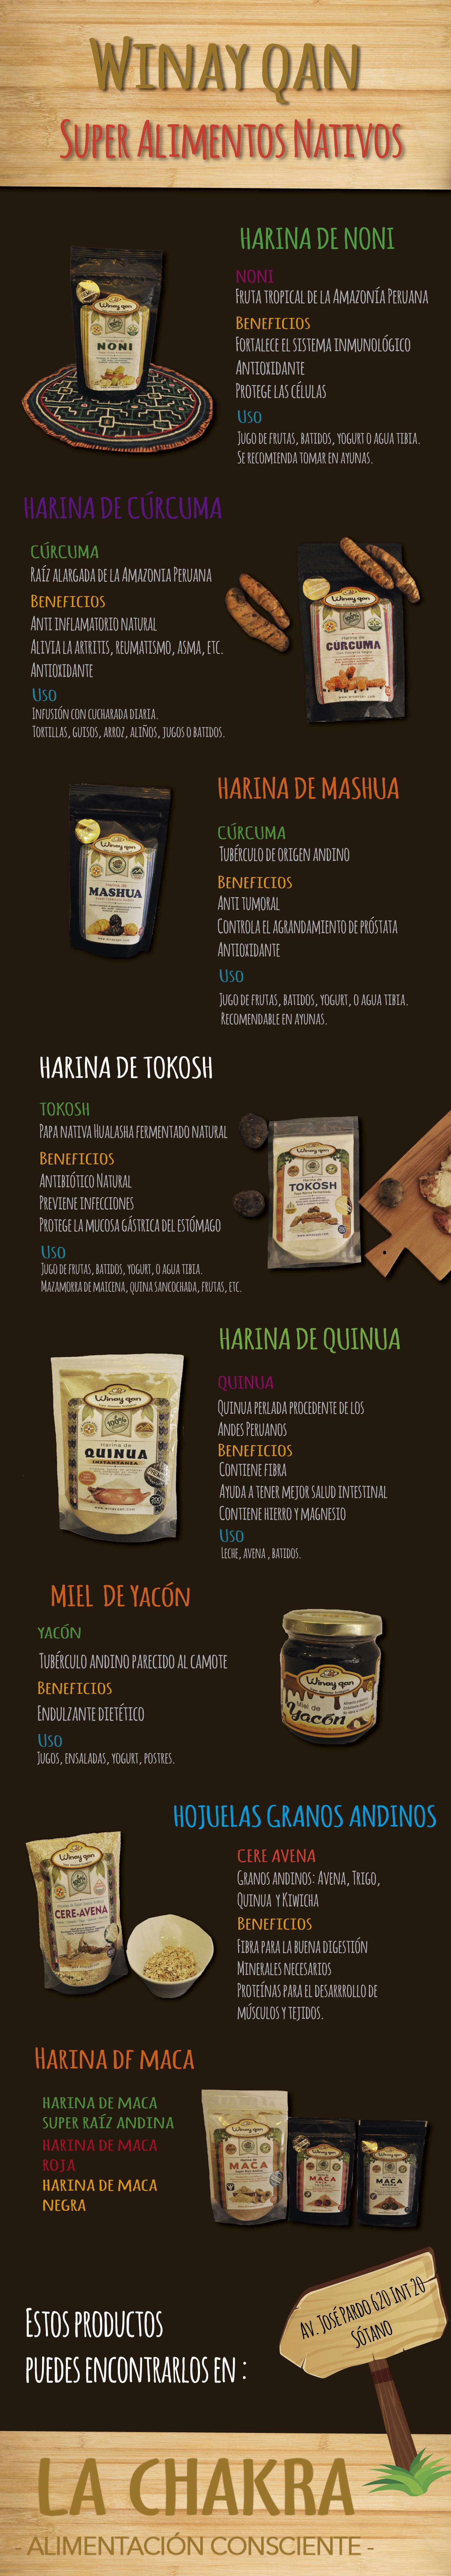 Super Alimentos Nativos - Winay Qan